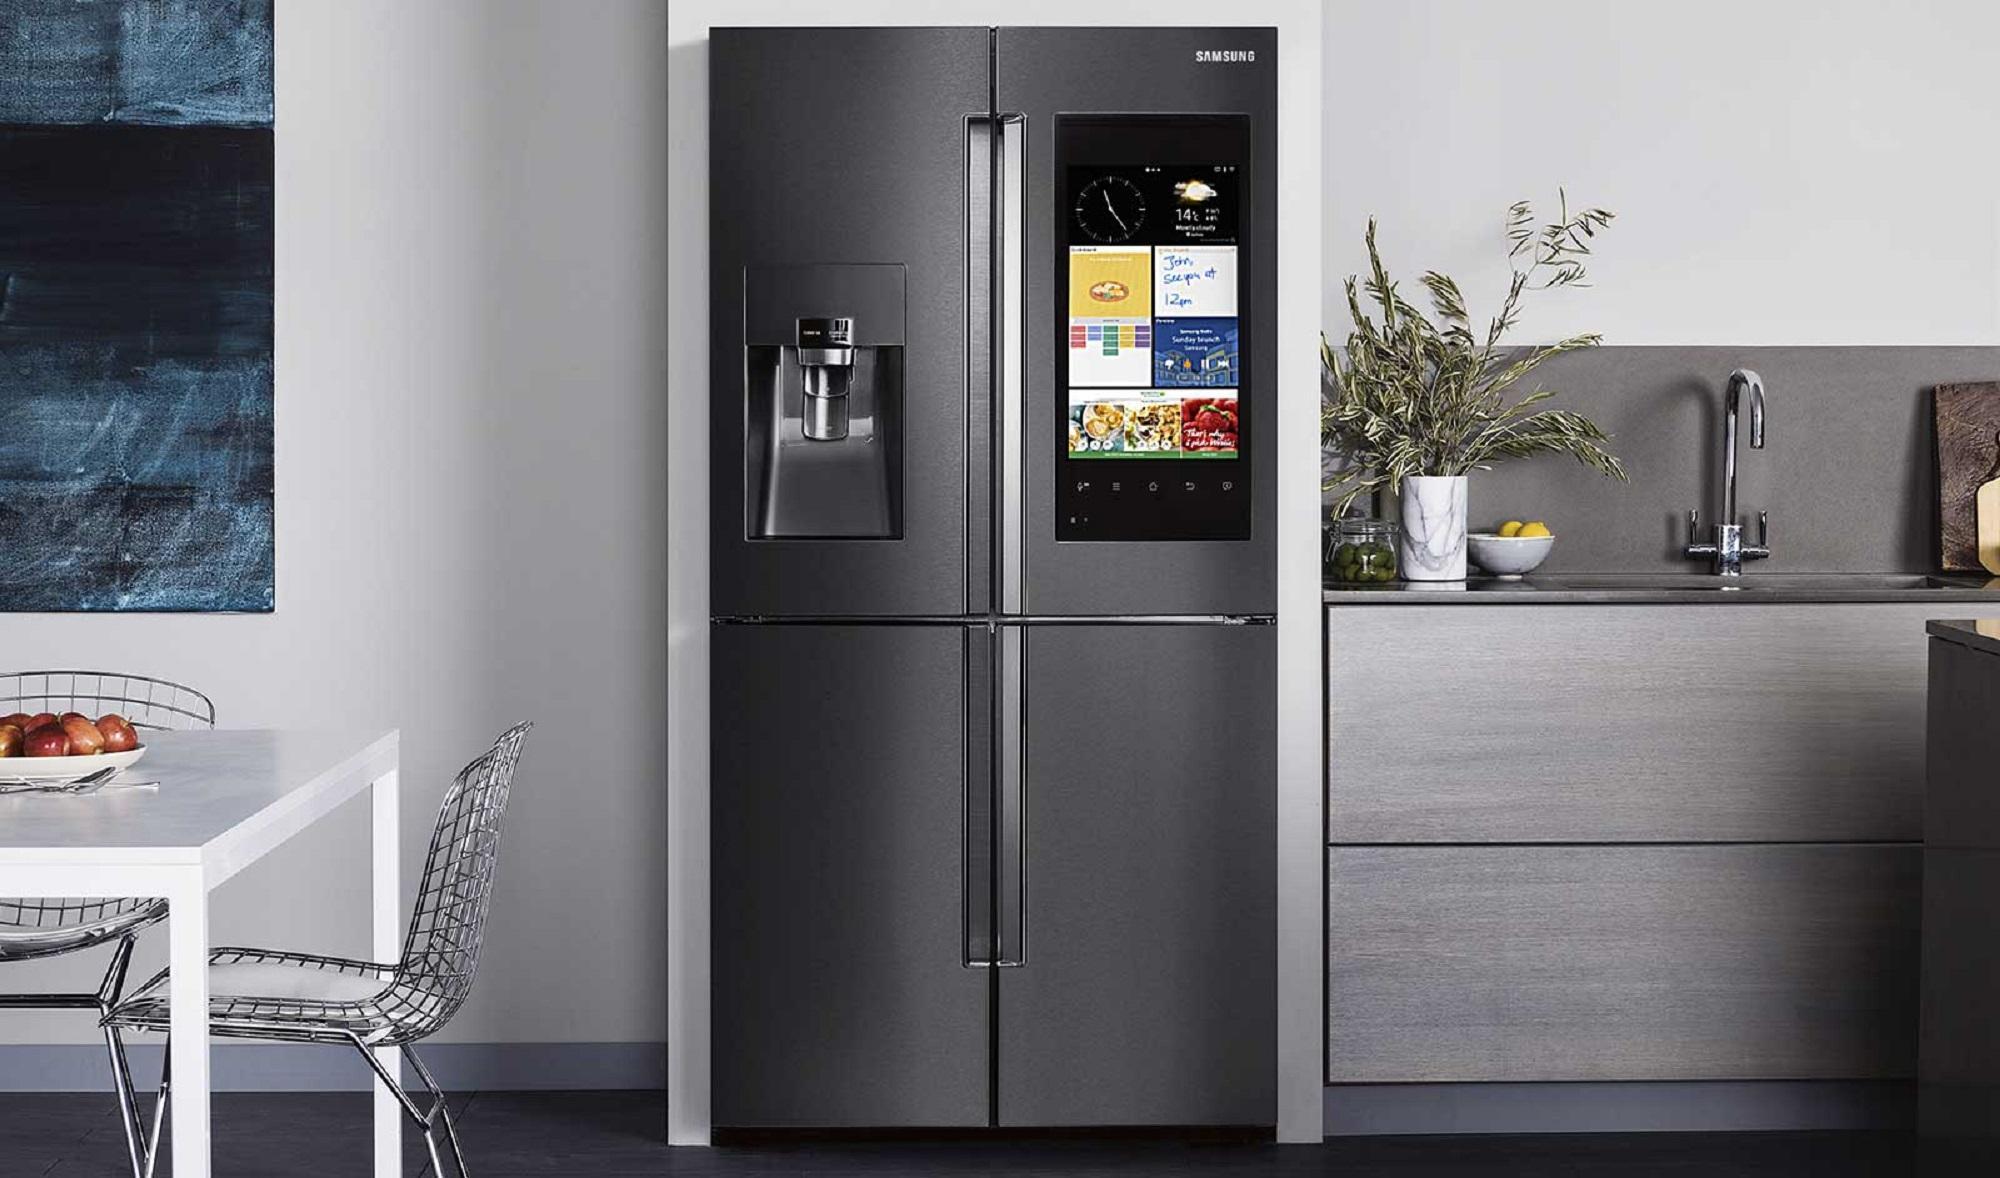 ตู้เย็นซัมซุง 2 ประตู